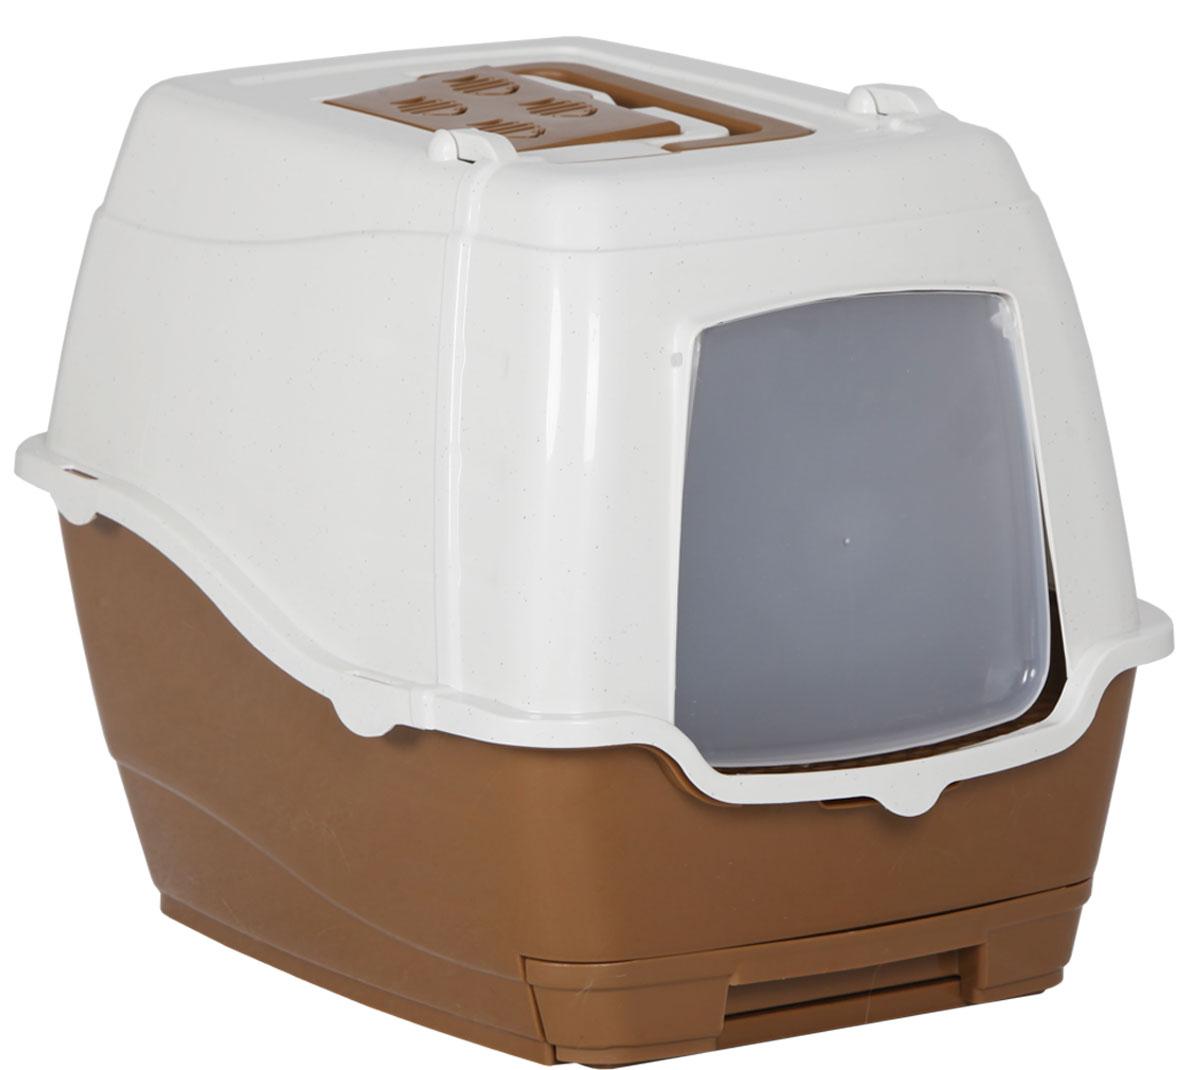 Туалет-лоток для кошек, цвет:  коричневый, молочный, 50 x 40 x 41 см.  CAT-L25 brown Petro Trade